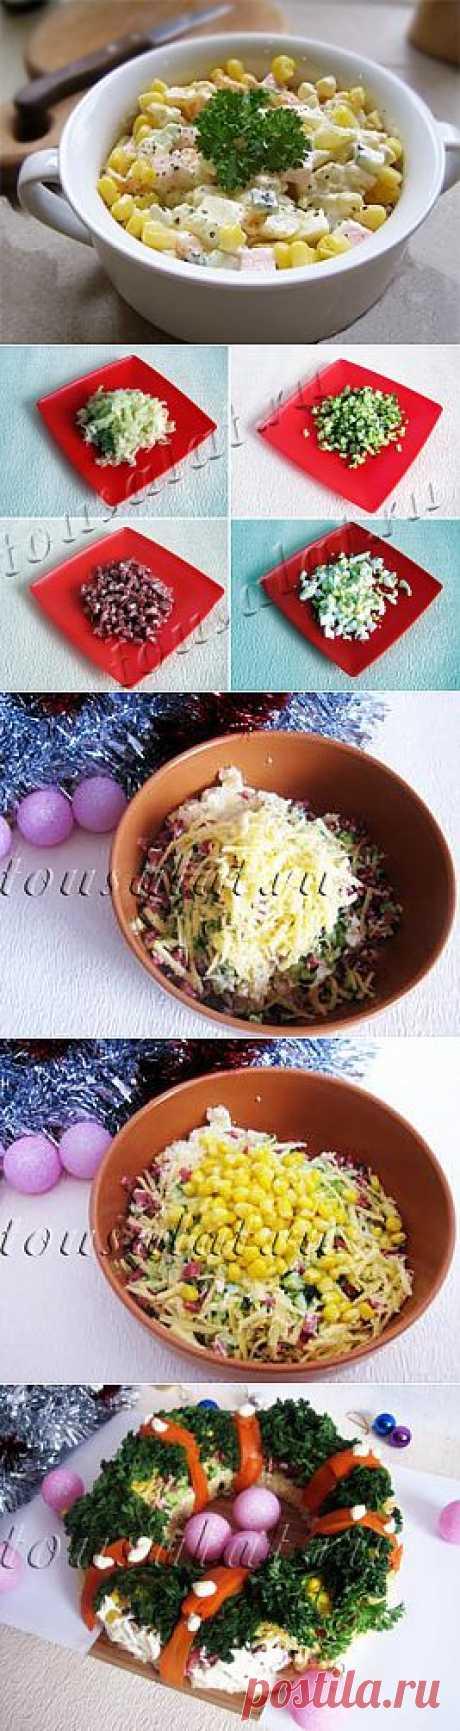 Салат с вареной колбасой Новогодний венок и повседневный